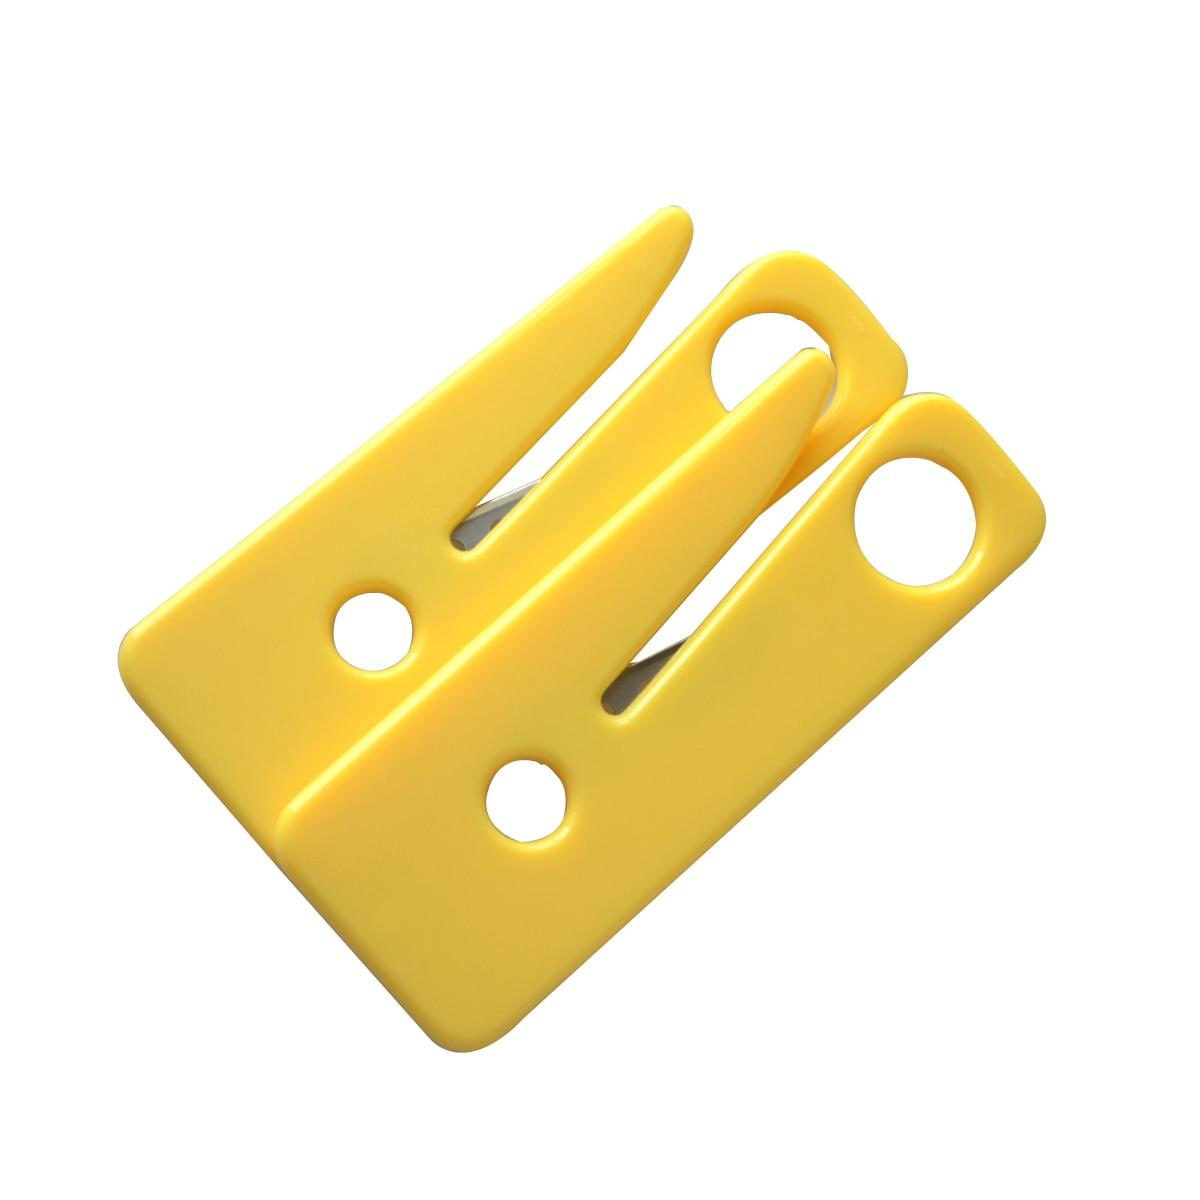 50 pièces ceinture de sécurité Cutter ceinture de sécurité couteau de sécurité jaune voiture Kit de sauvetage outils de survie en plein air